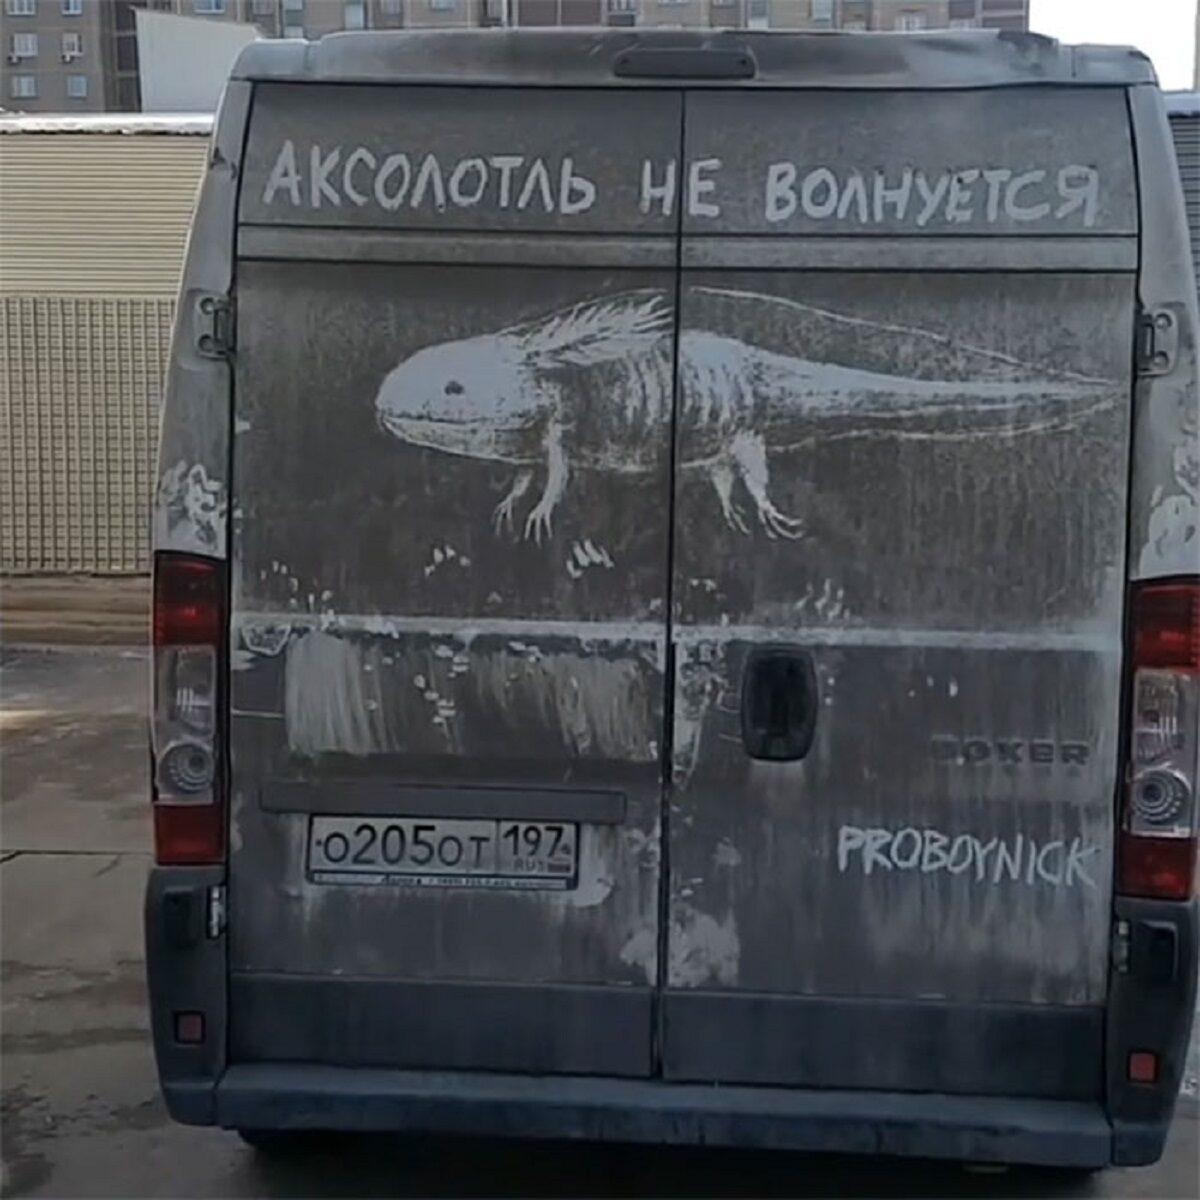 Nikita Golubev artista russa cria desenhos incriveis em caminhoes e tecnica chama atencao 15